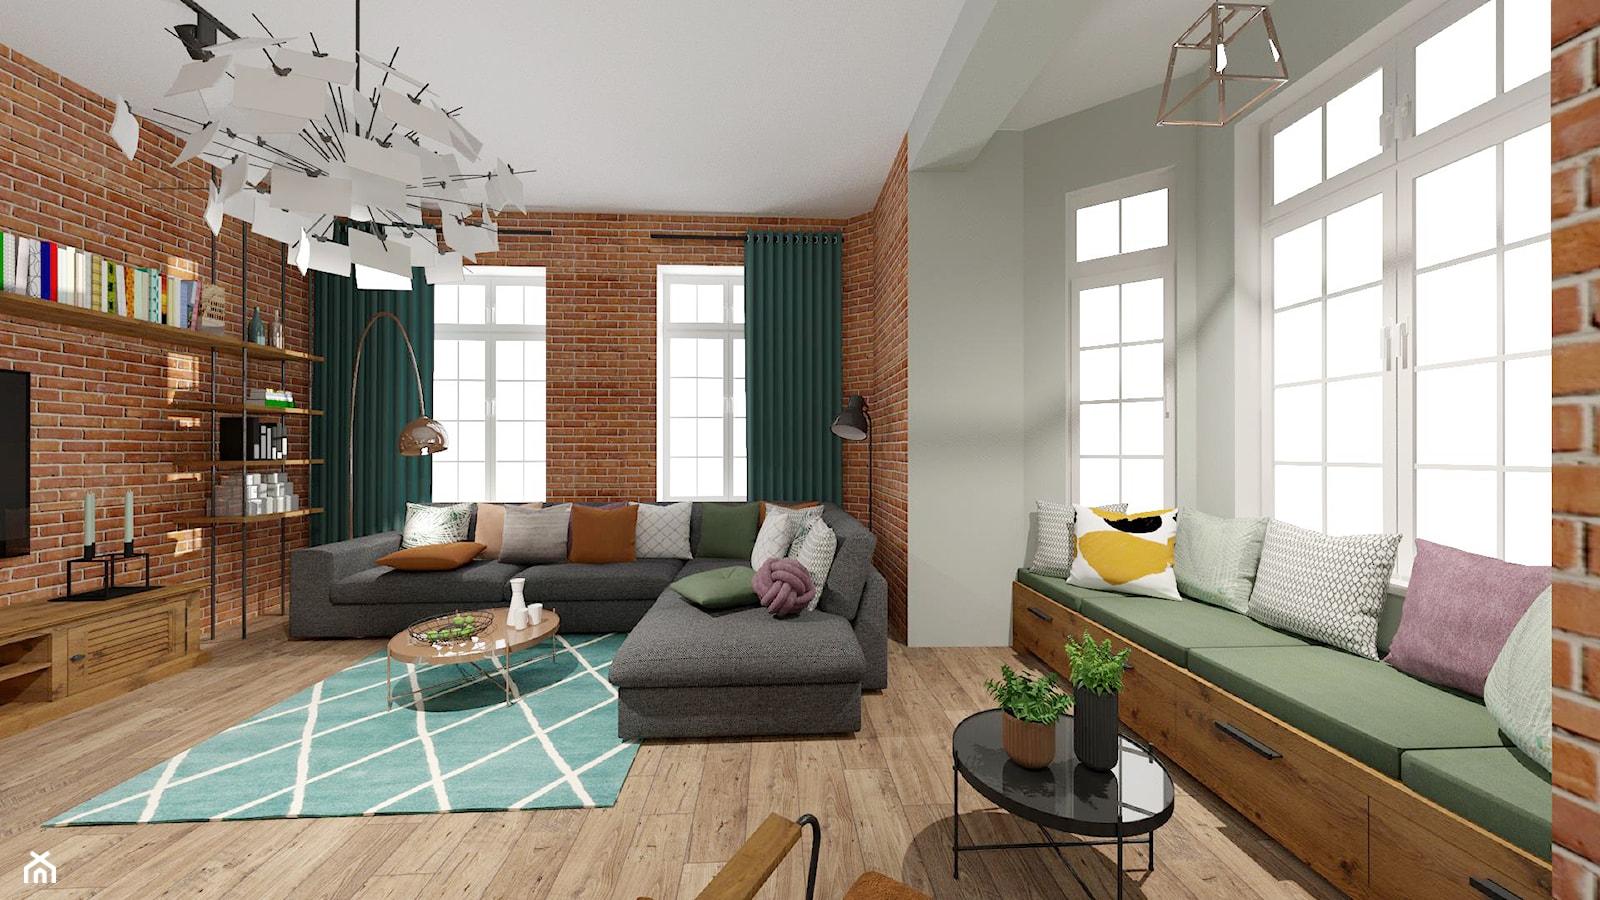 Brick Wall - mieszkanie w Kamienicy - Duży szary salon z bibiloteczką - zdjęcie od Kwadraton - Homebook